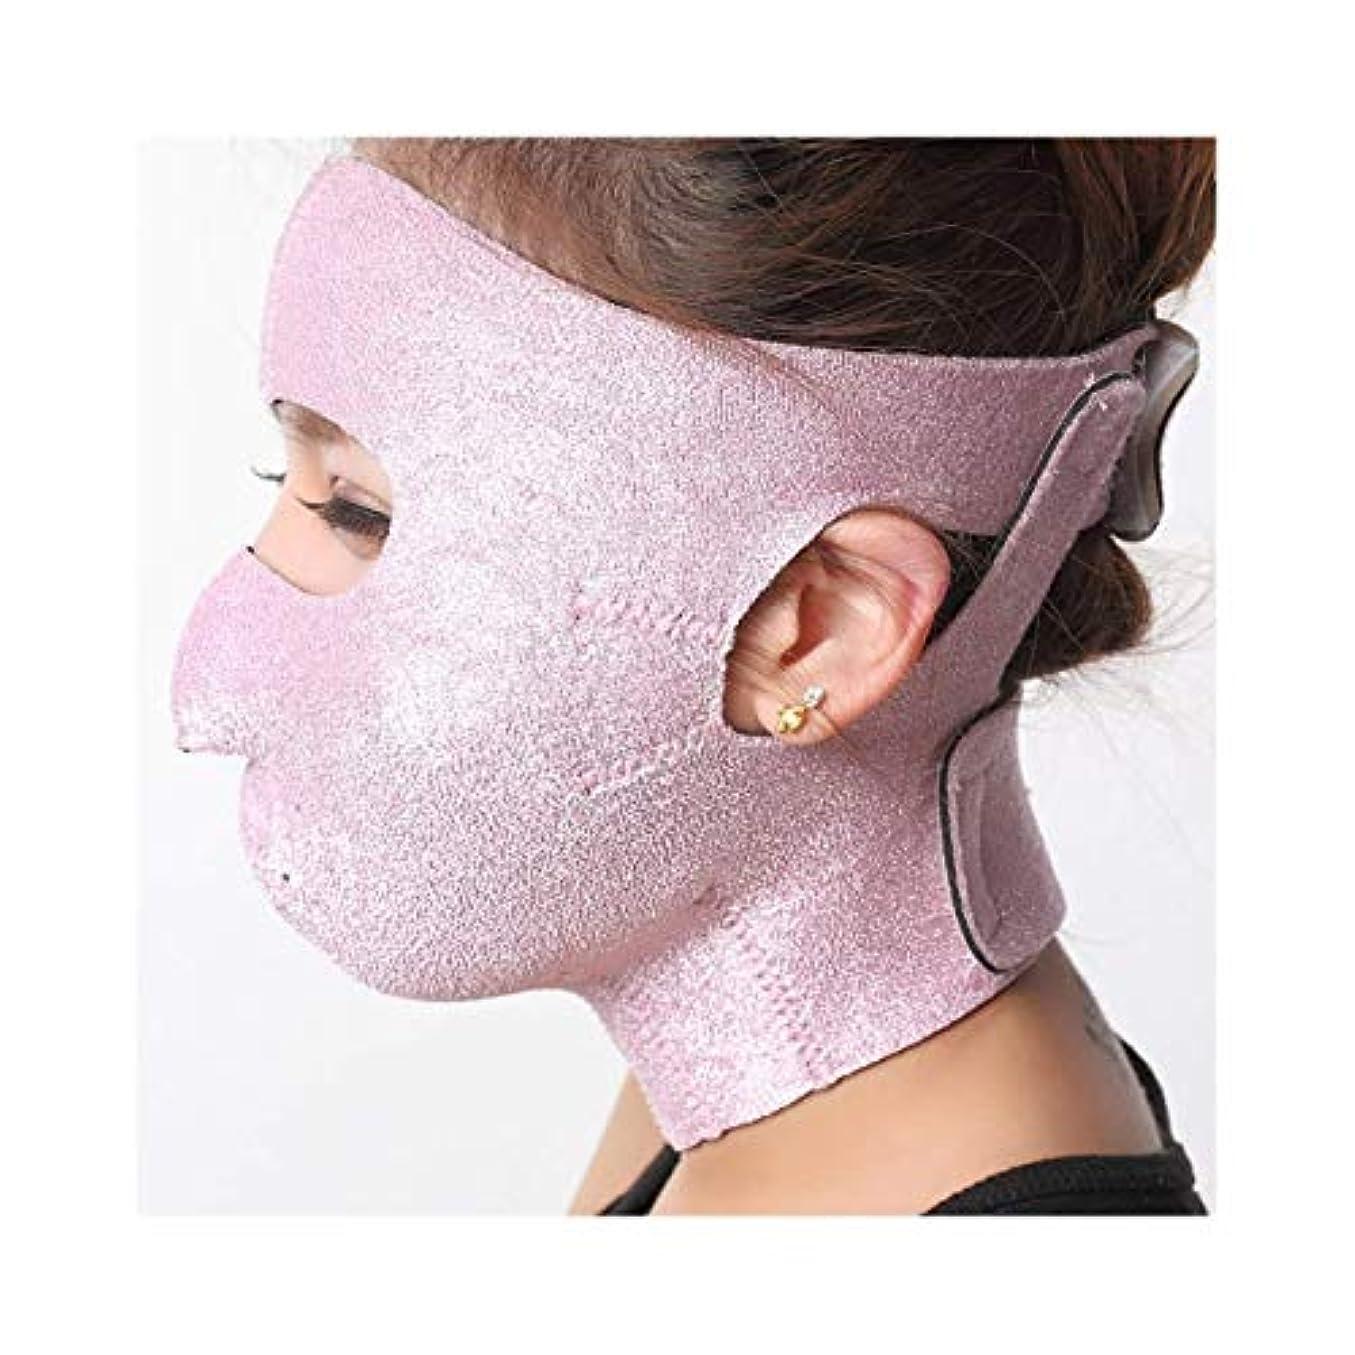 伴う性差別拒否引き締めフェイスマスク、小さなVフェイスアーティファクト睡眠リフティングマスク付き薄型フェイスバンデージマスク引き締めクリームフェイスリフトフェイスメロンフェイス楽器